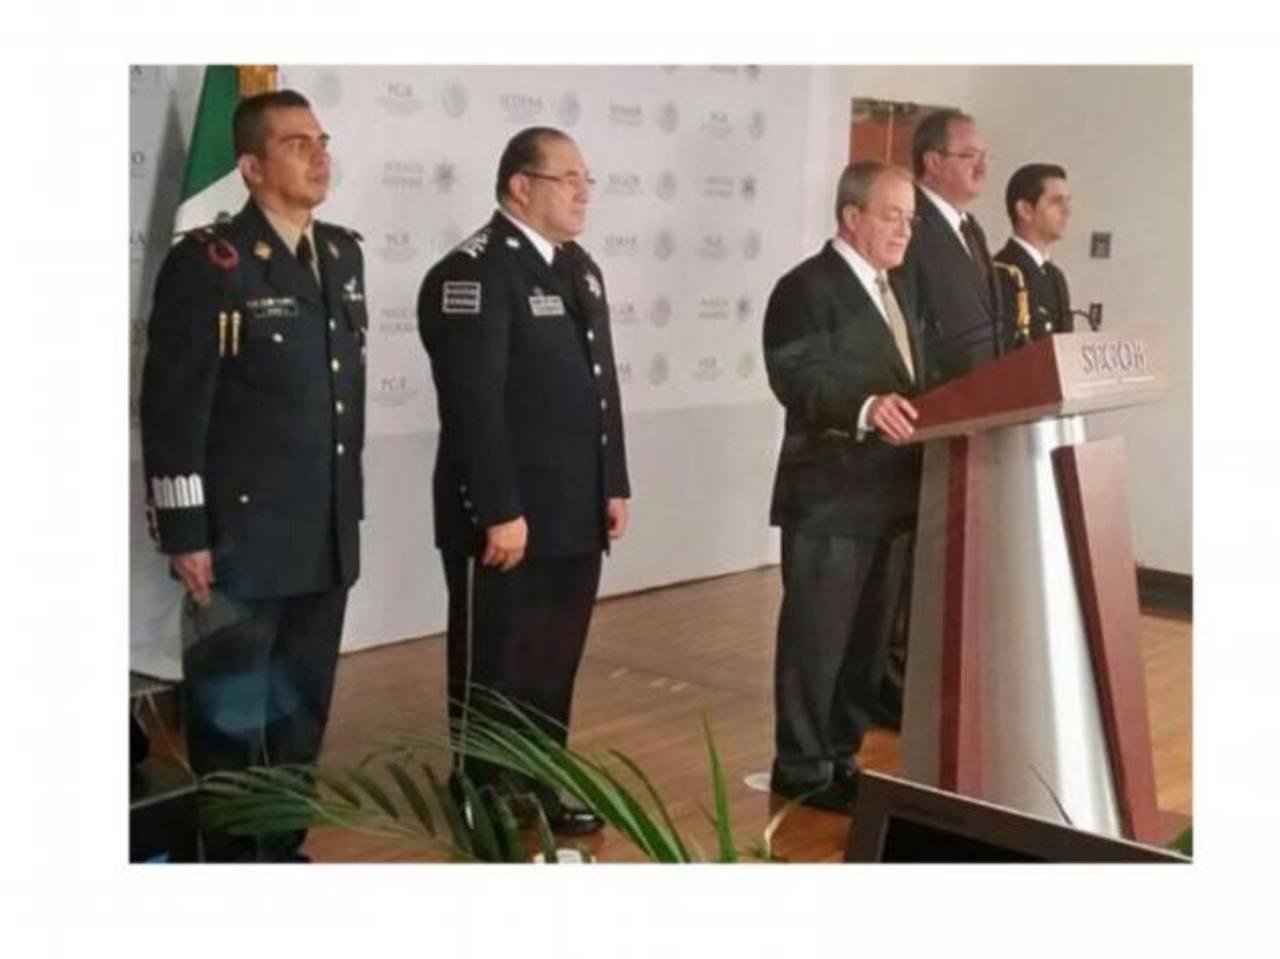 La Secretaría de Gobernación mexicana proporcionó ayer la fotografía del detenido Arnoldo Villa Sánchez (derecha). foto EDH /Reuters